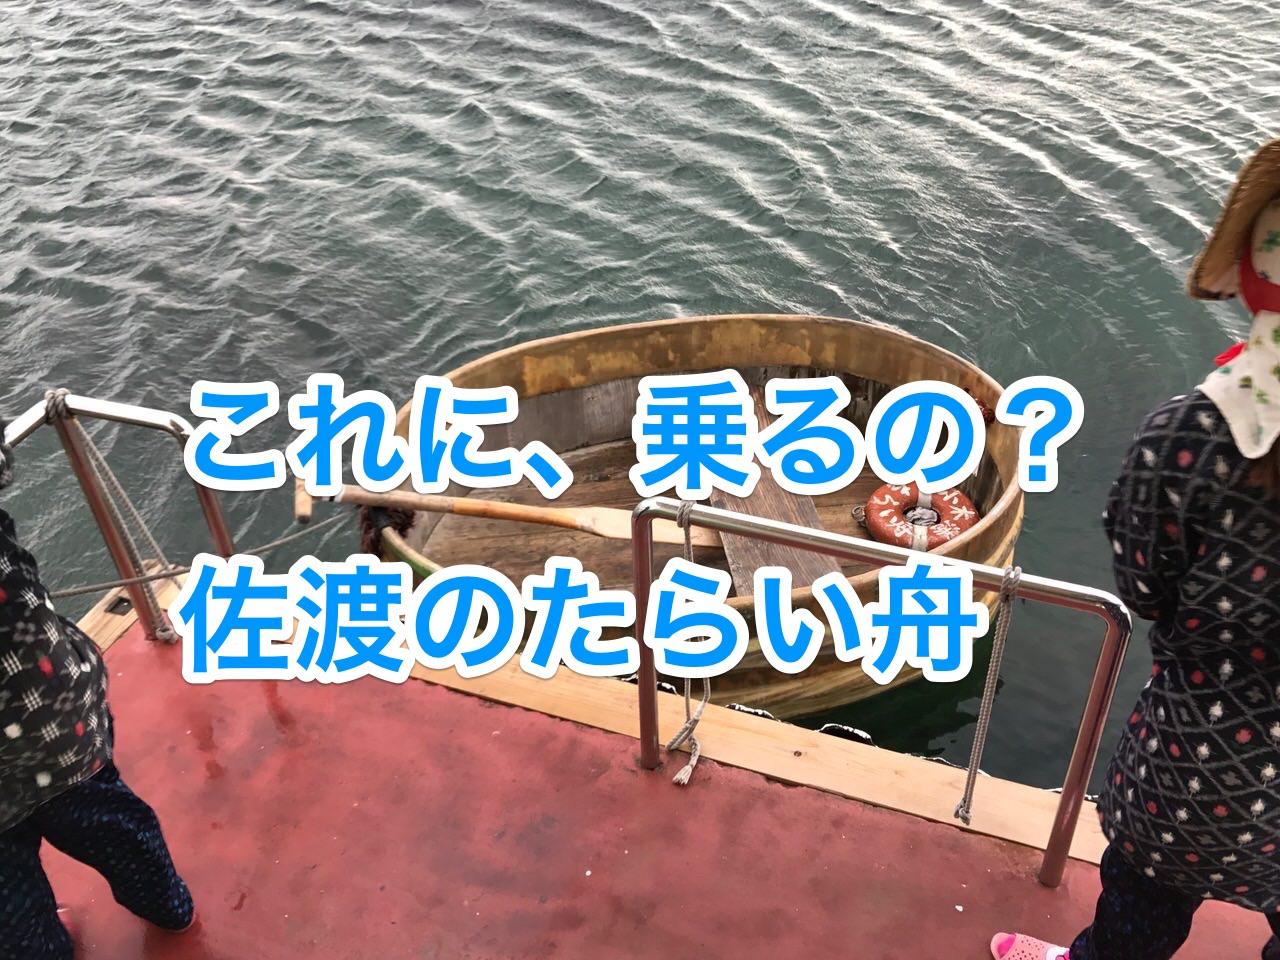 佐渡の「たらい舟」体験 〜500円で安い【PR】